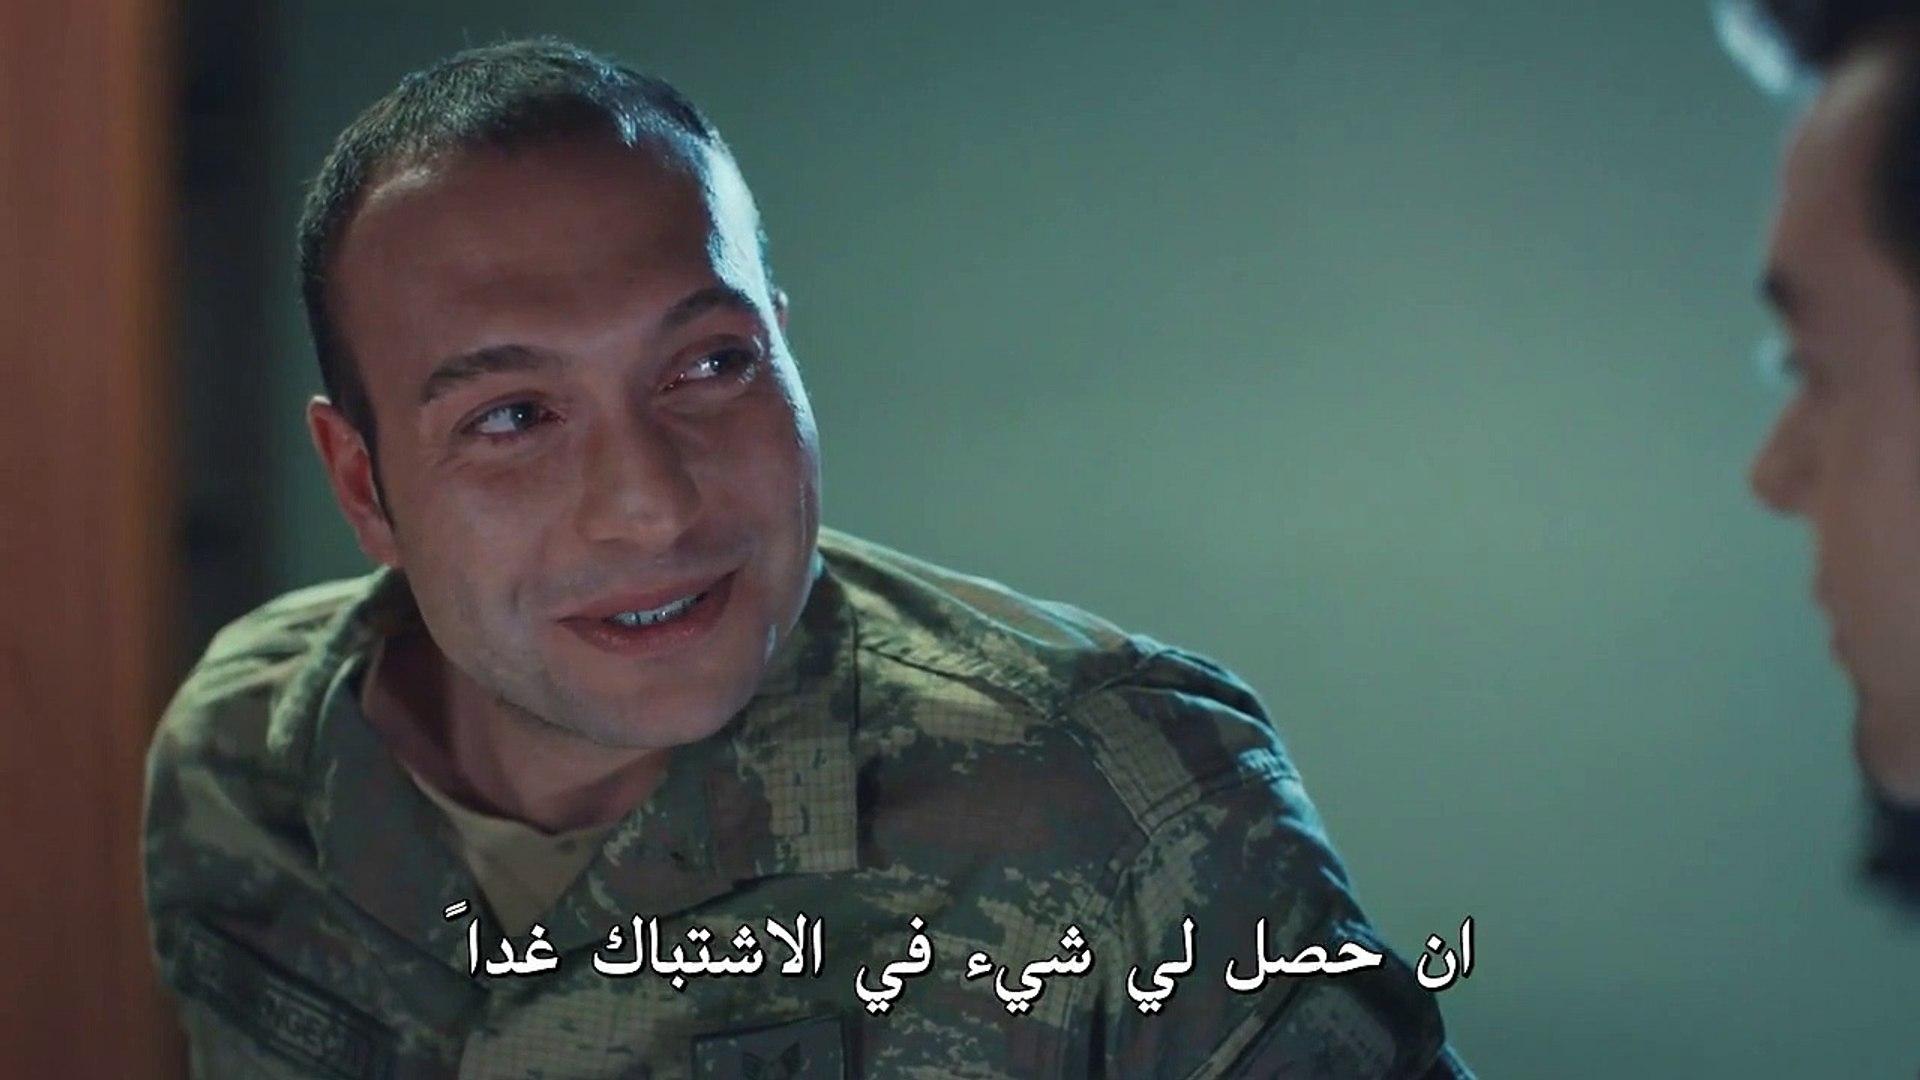 مسلسل العهد الموسم الثالث الحلقة 32 قسم 3 مترجمة للعربية